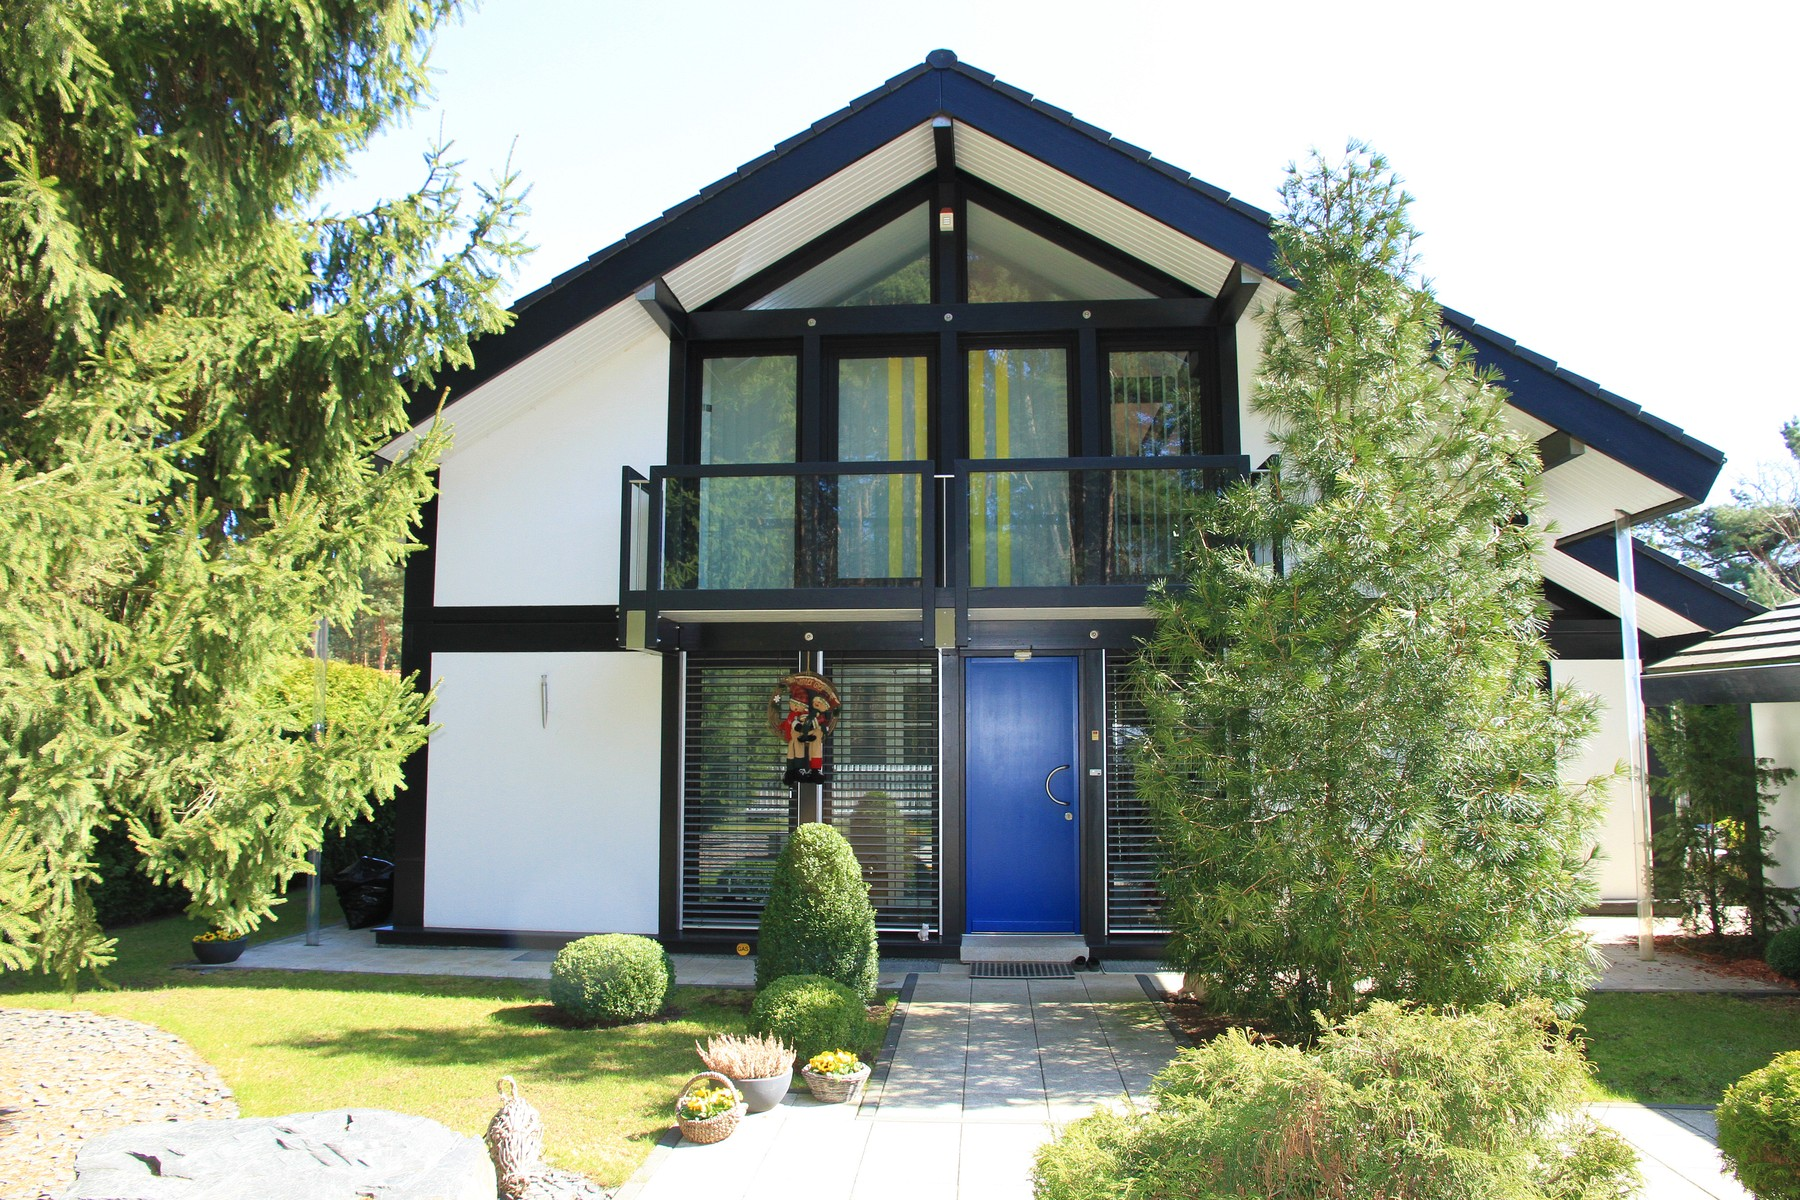 fachwerkhaus modern mit dunkler konstruktion und modernem ambiente concentus modernes fachwerkhaus. Black Bedroom Furniture Sets. Home Design Ideas